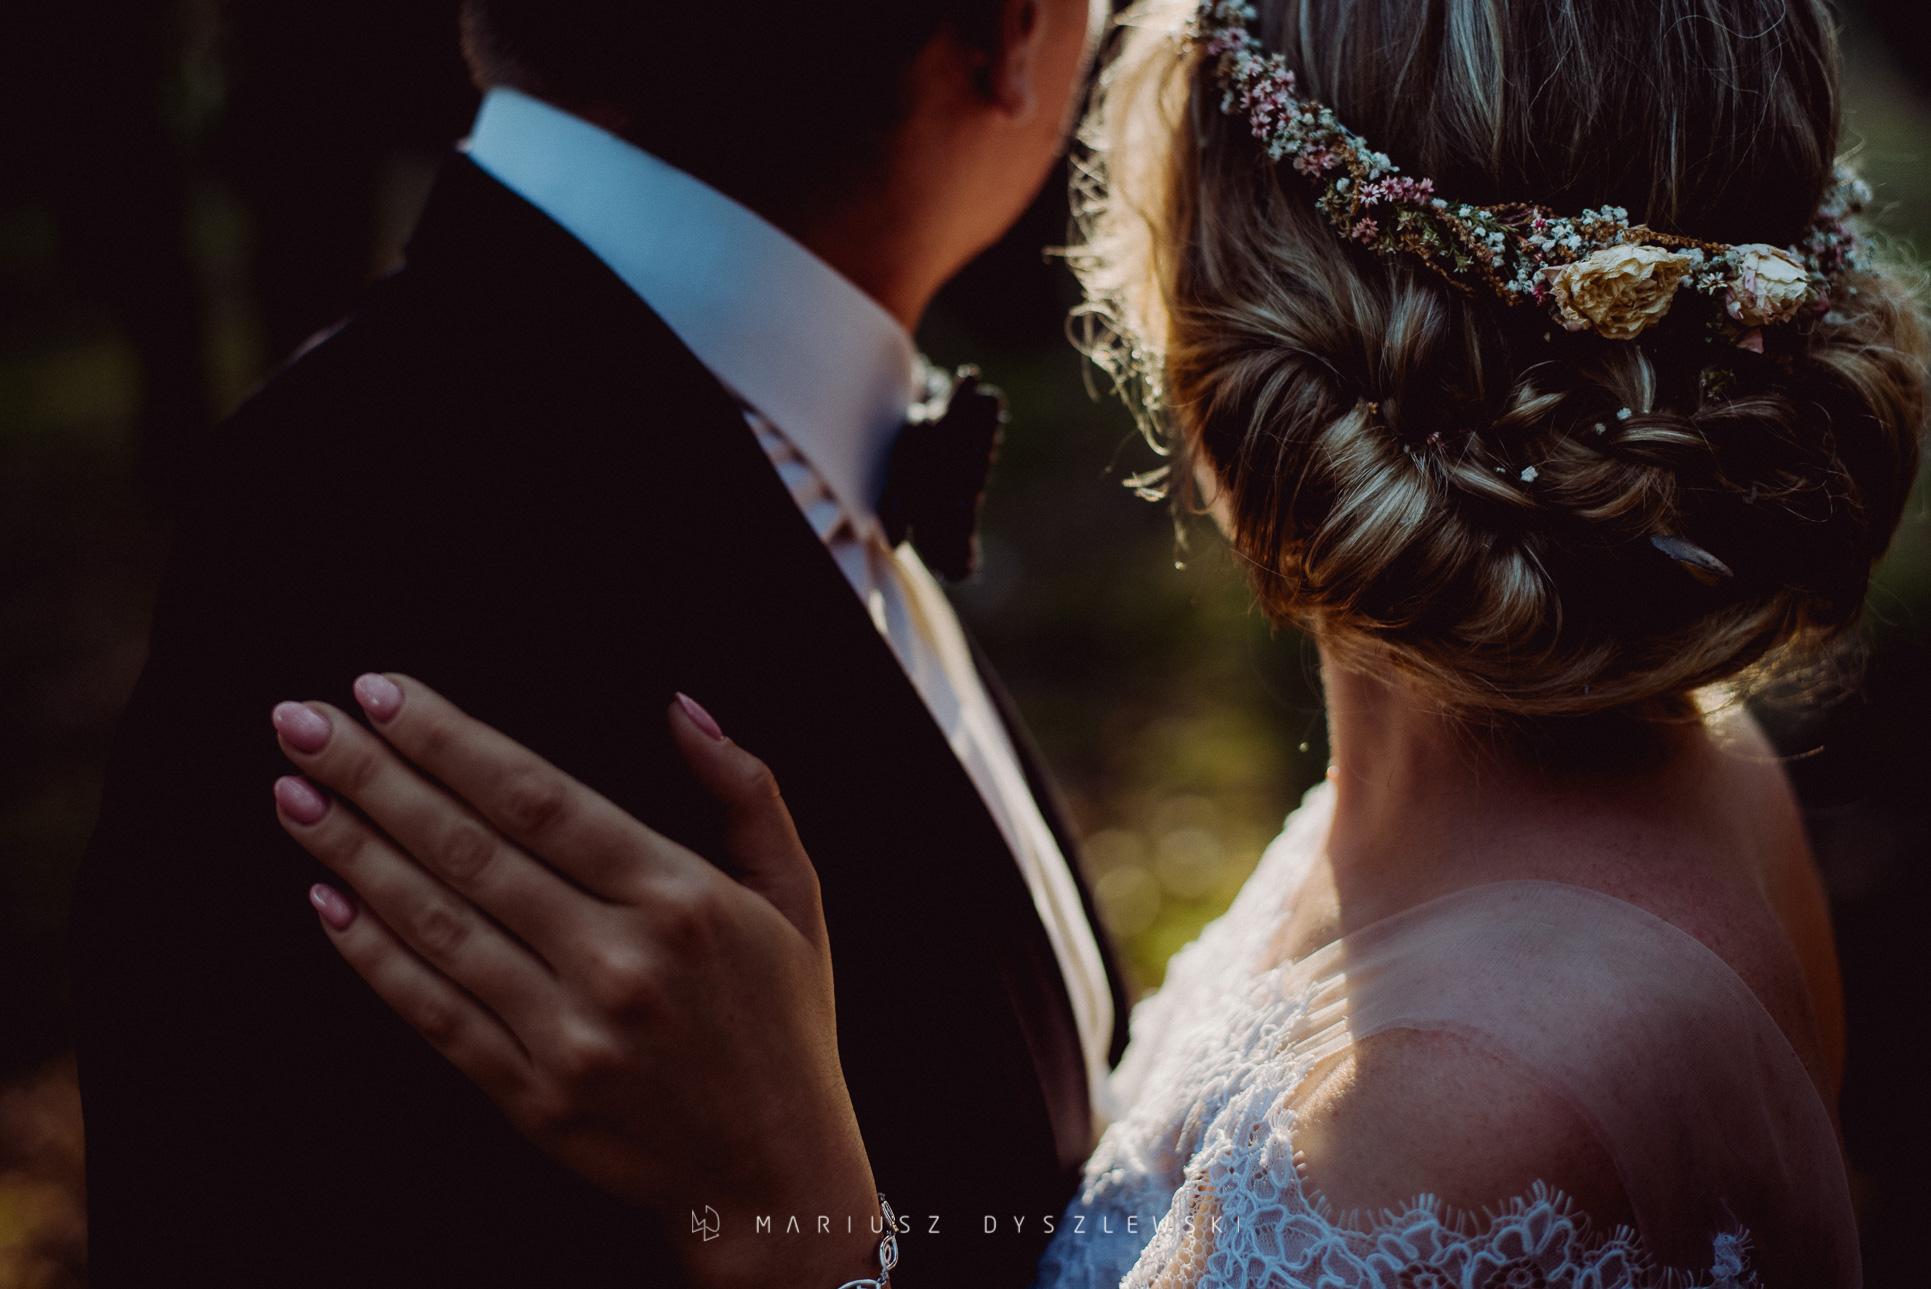 E+K | ślub w plenerze | Mariusz Dyszlewski fotograf